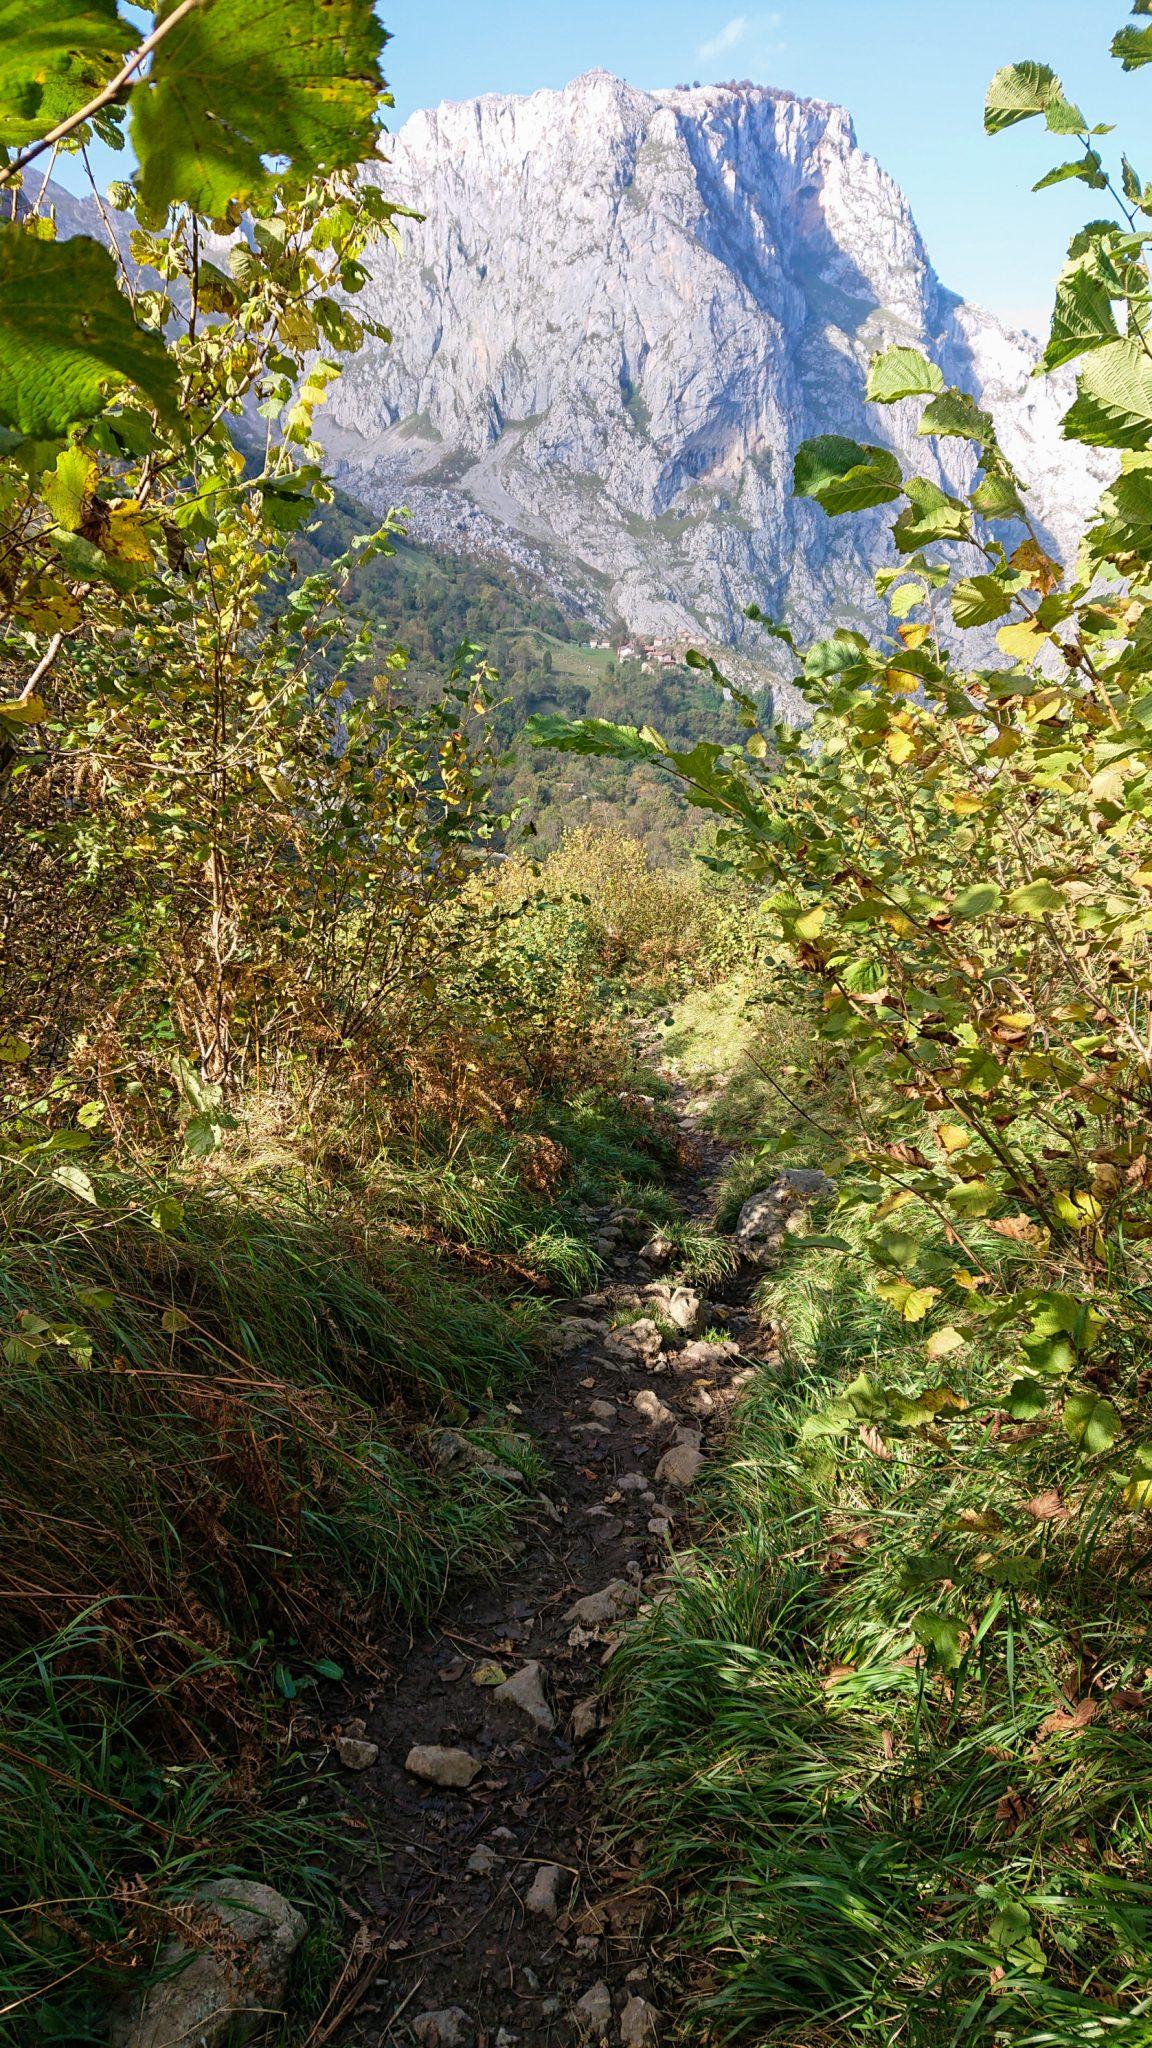 Wanderung Poncebos nach Bulnes in den Picos de Europa, schmaler Wanderpfad zwischen hohen Felswänden, saftig grüne Wiese, Steine und Geröll, tolles Wanderwetter